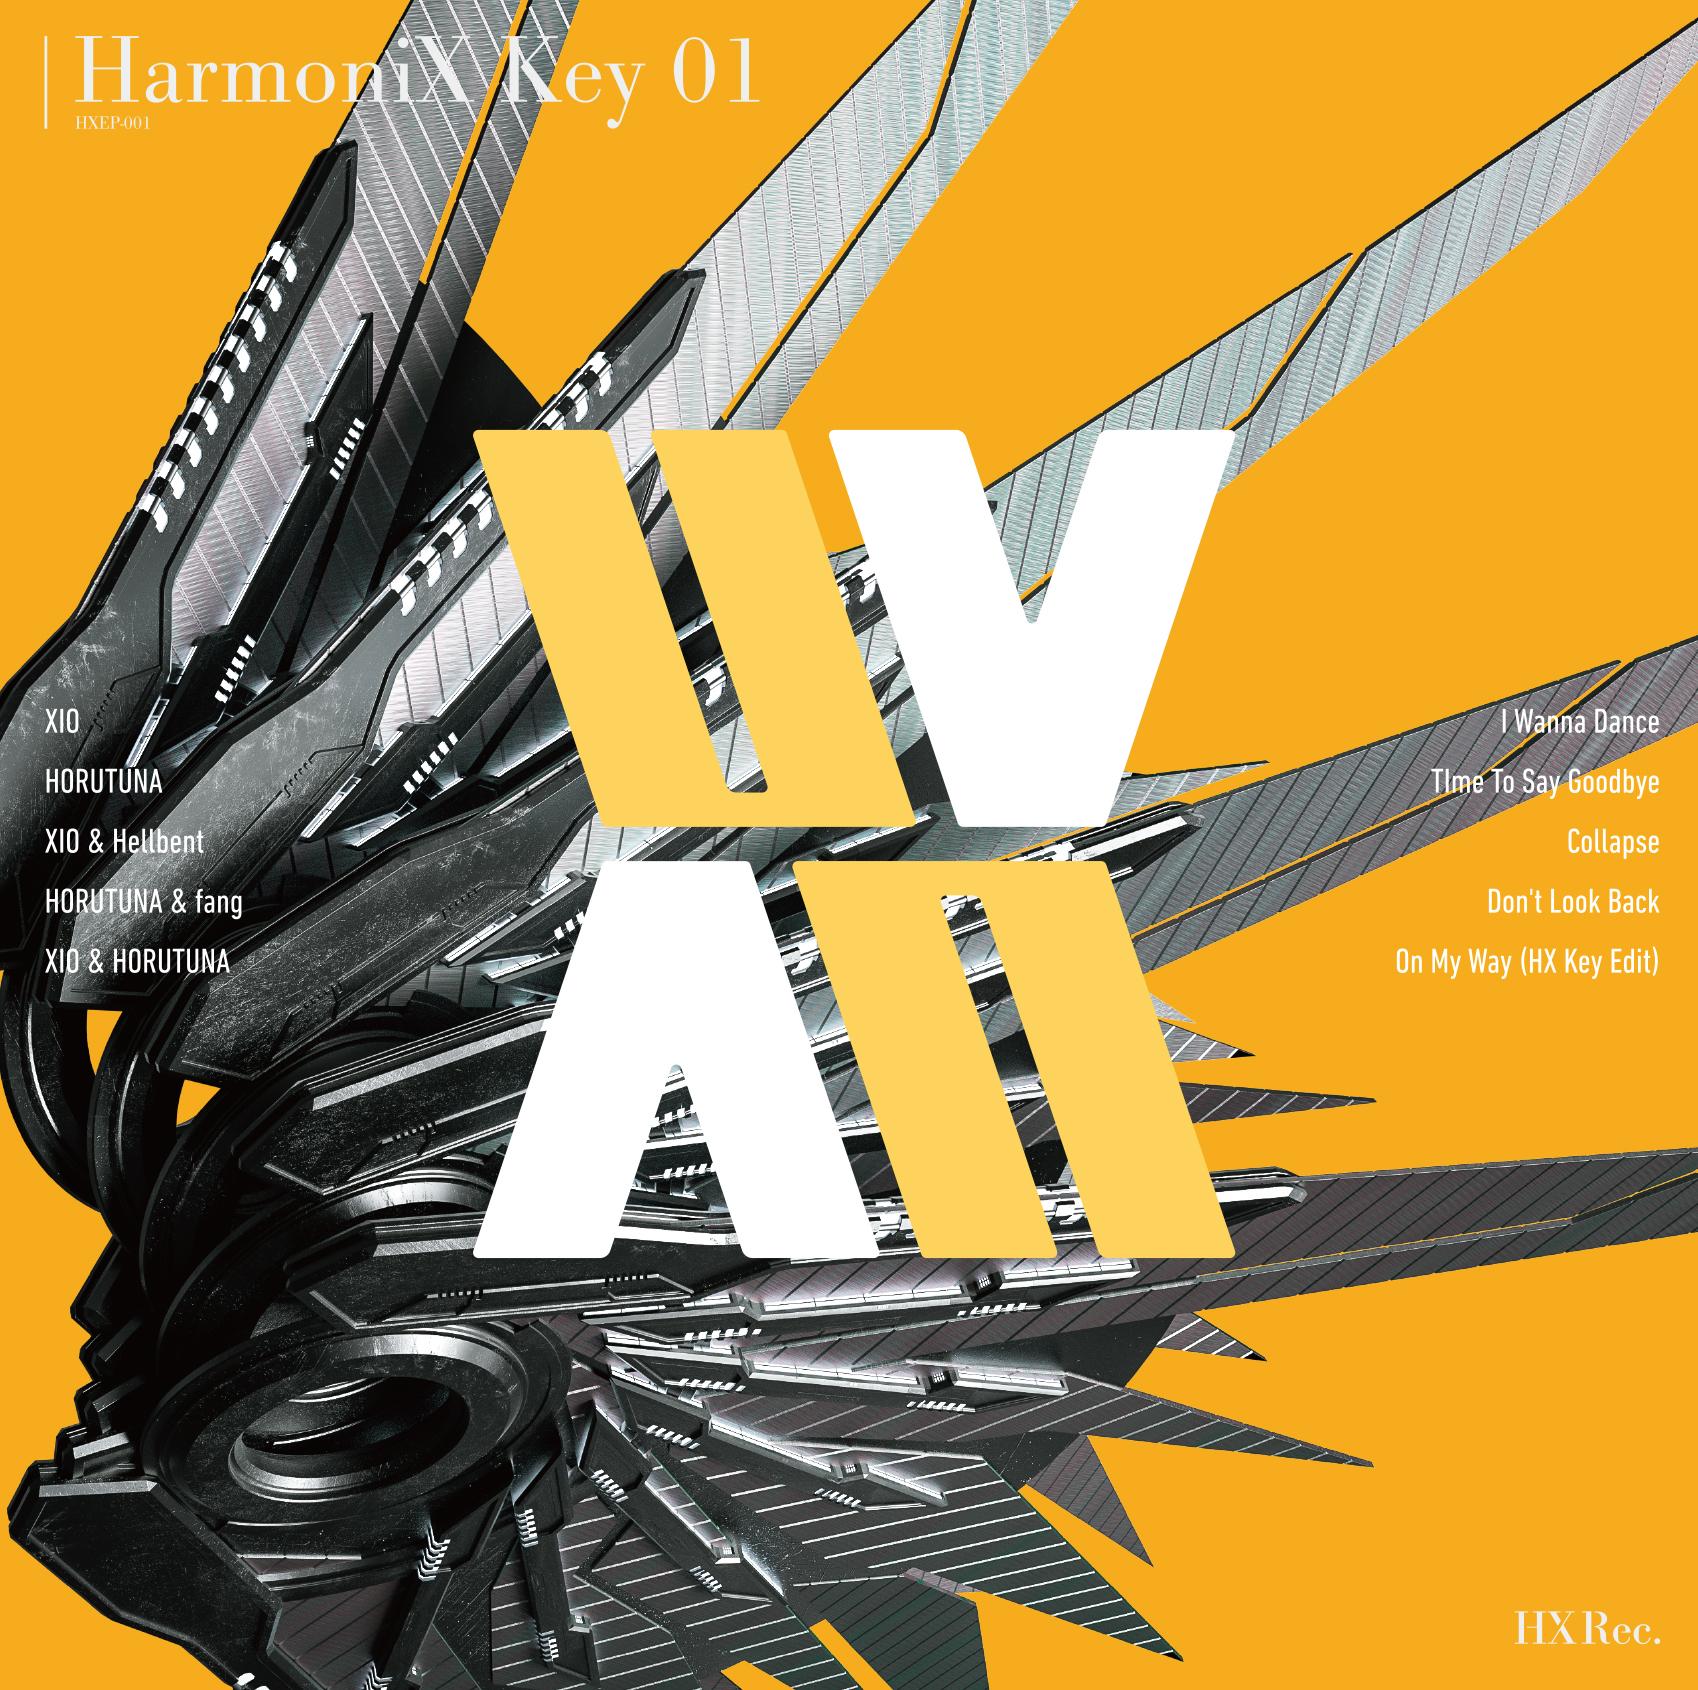 HarmoniX Key 01